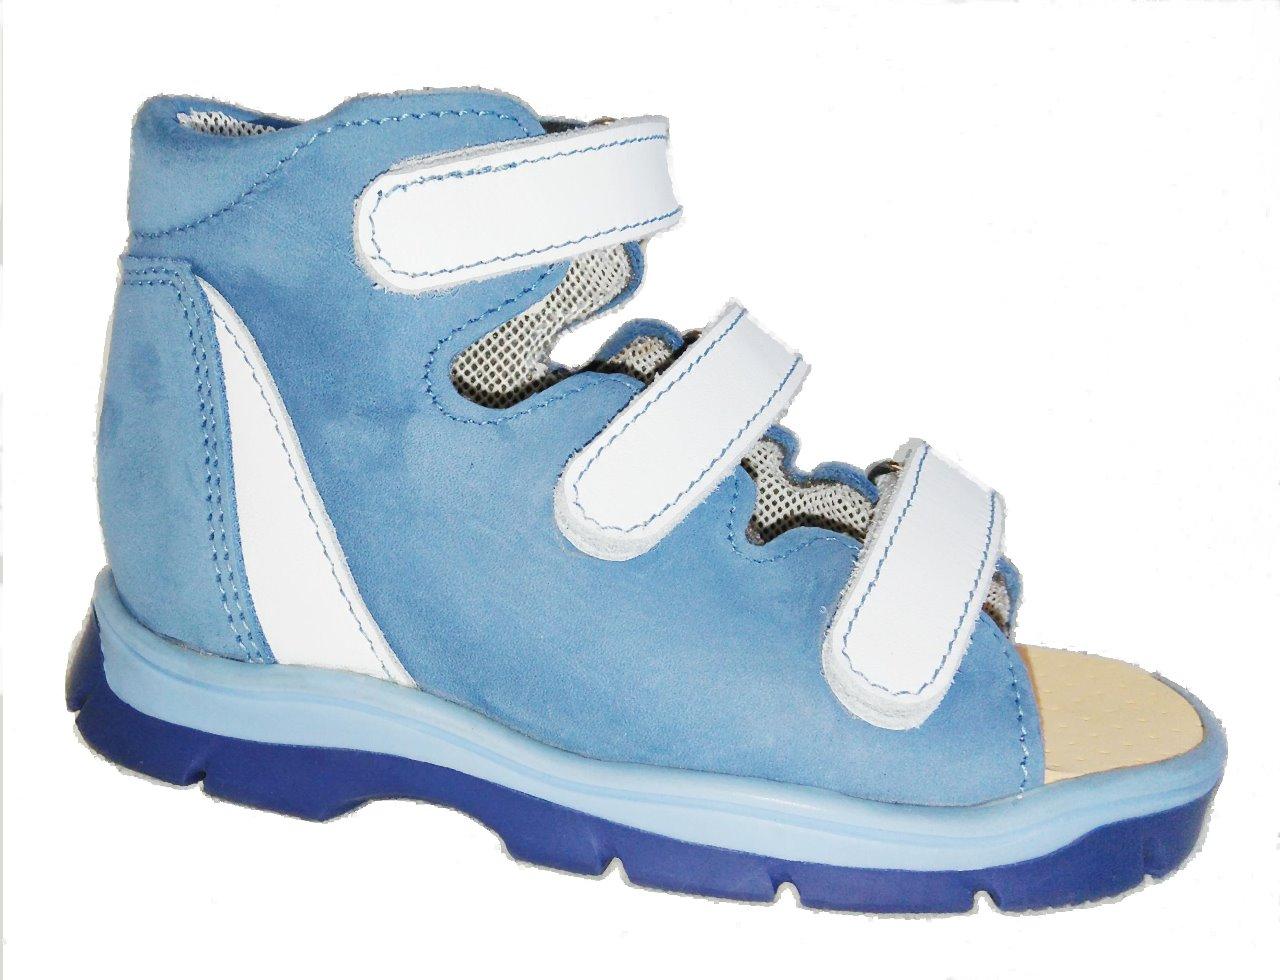 dětská ortopedická obuv - individuální výroba